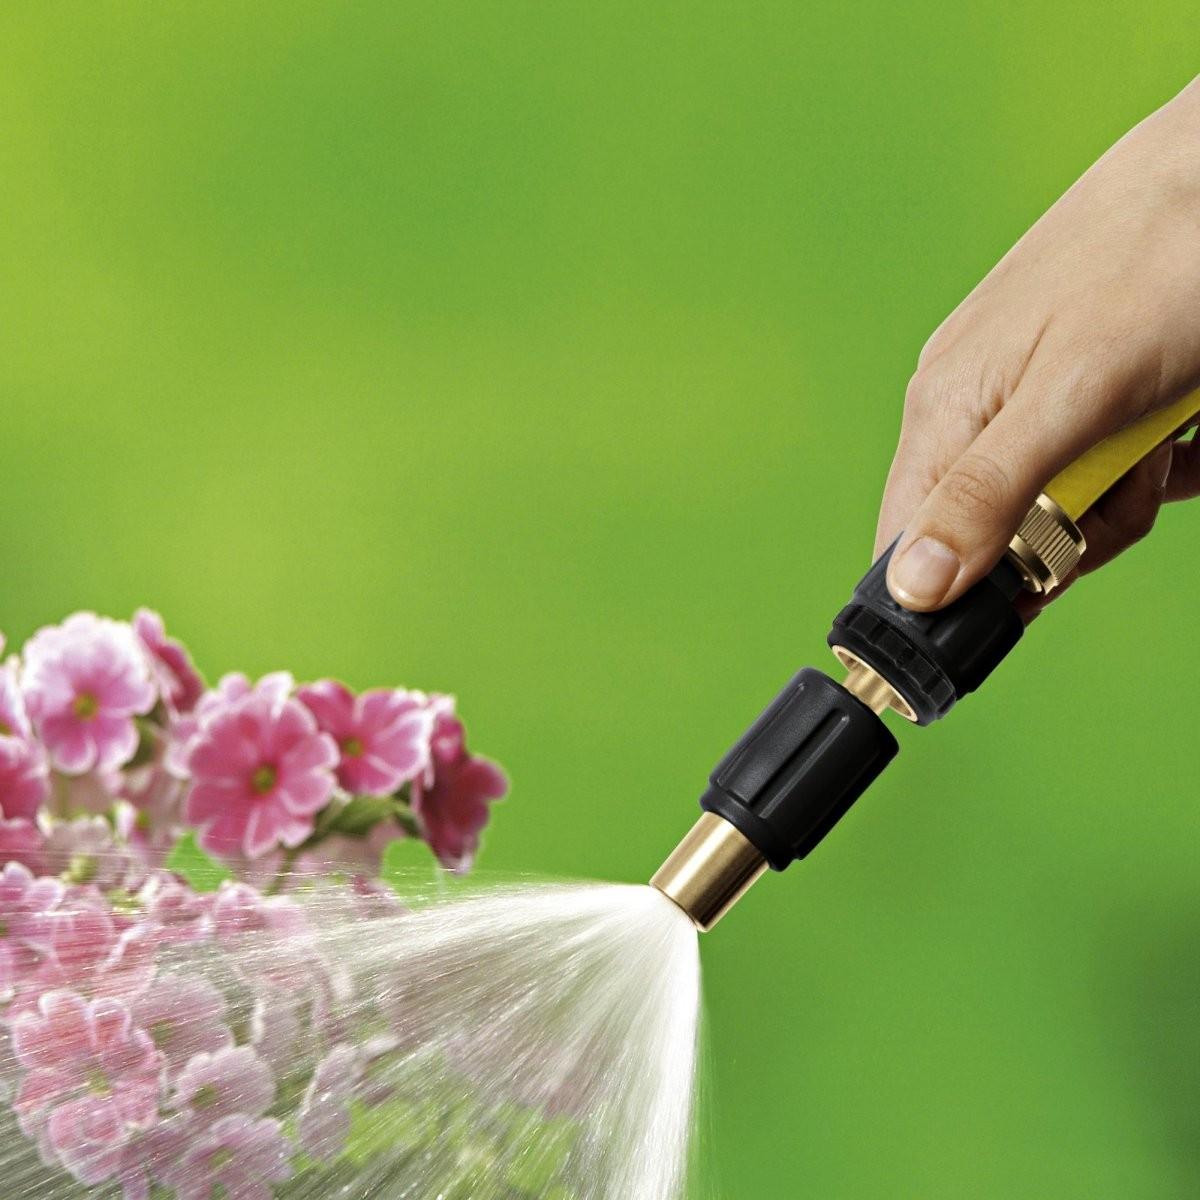 brass_nozzle_karcher_watering_garden_hose_range_2645054